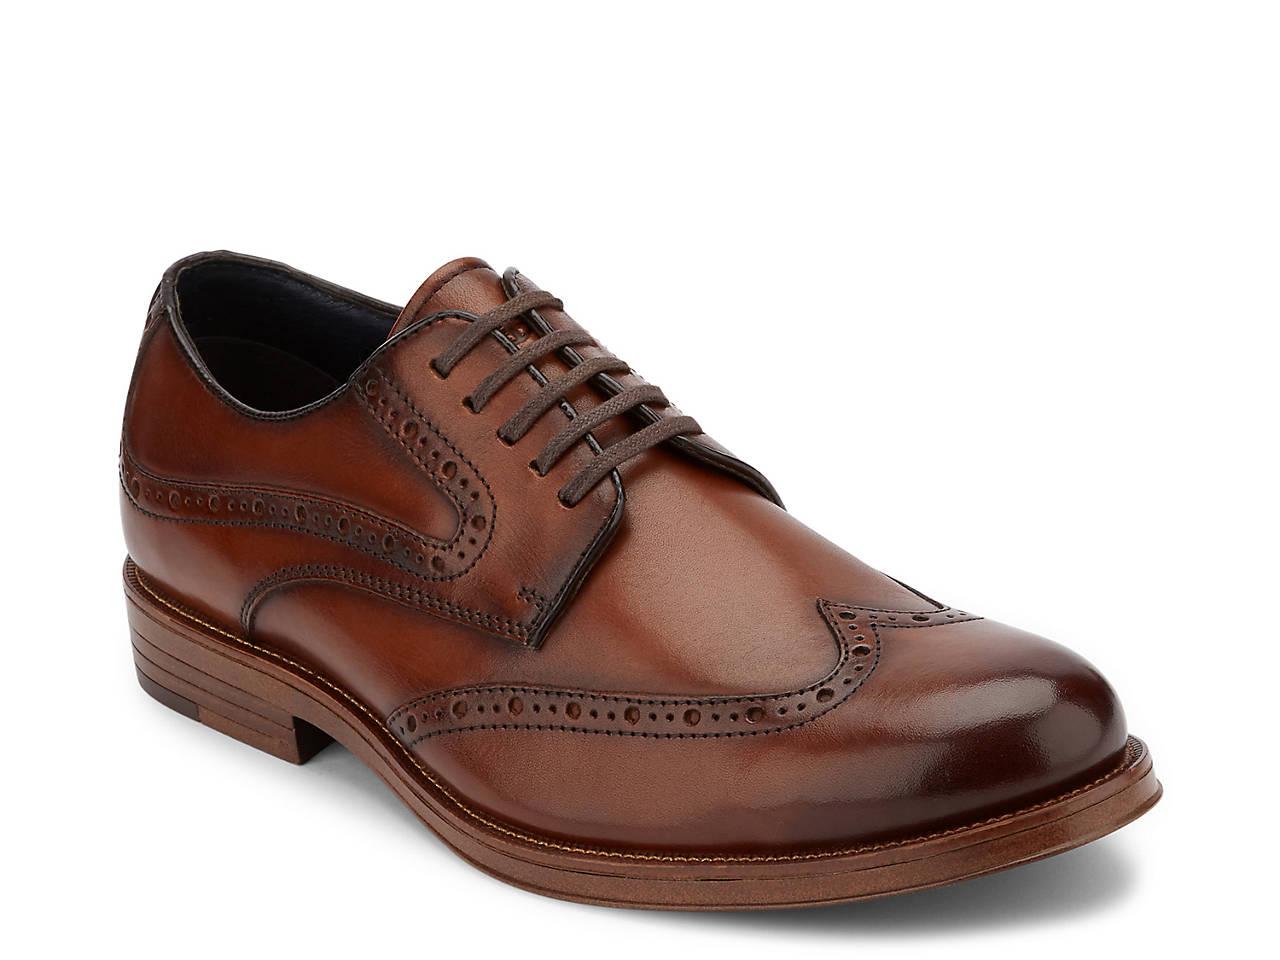 Dsw Dockers Dress Shoes